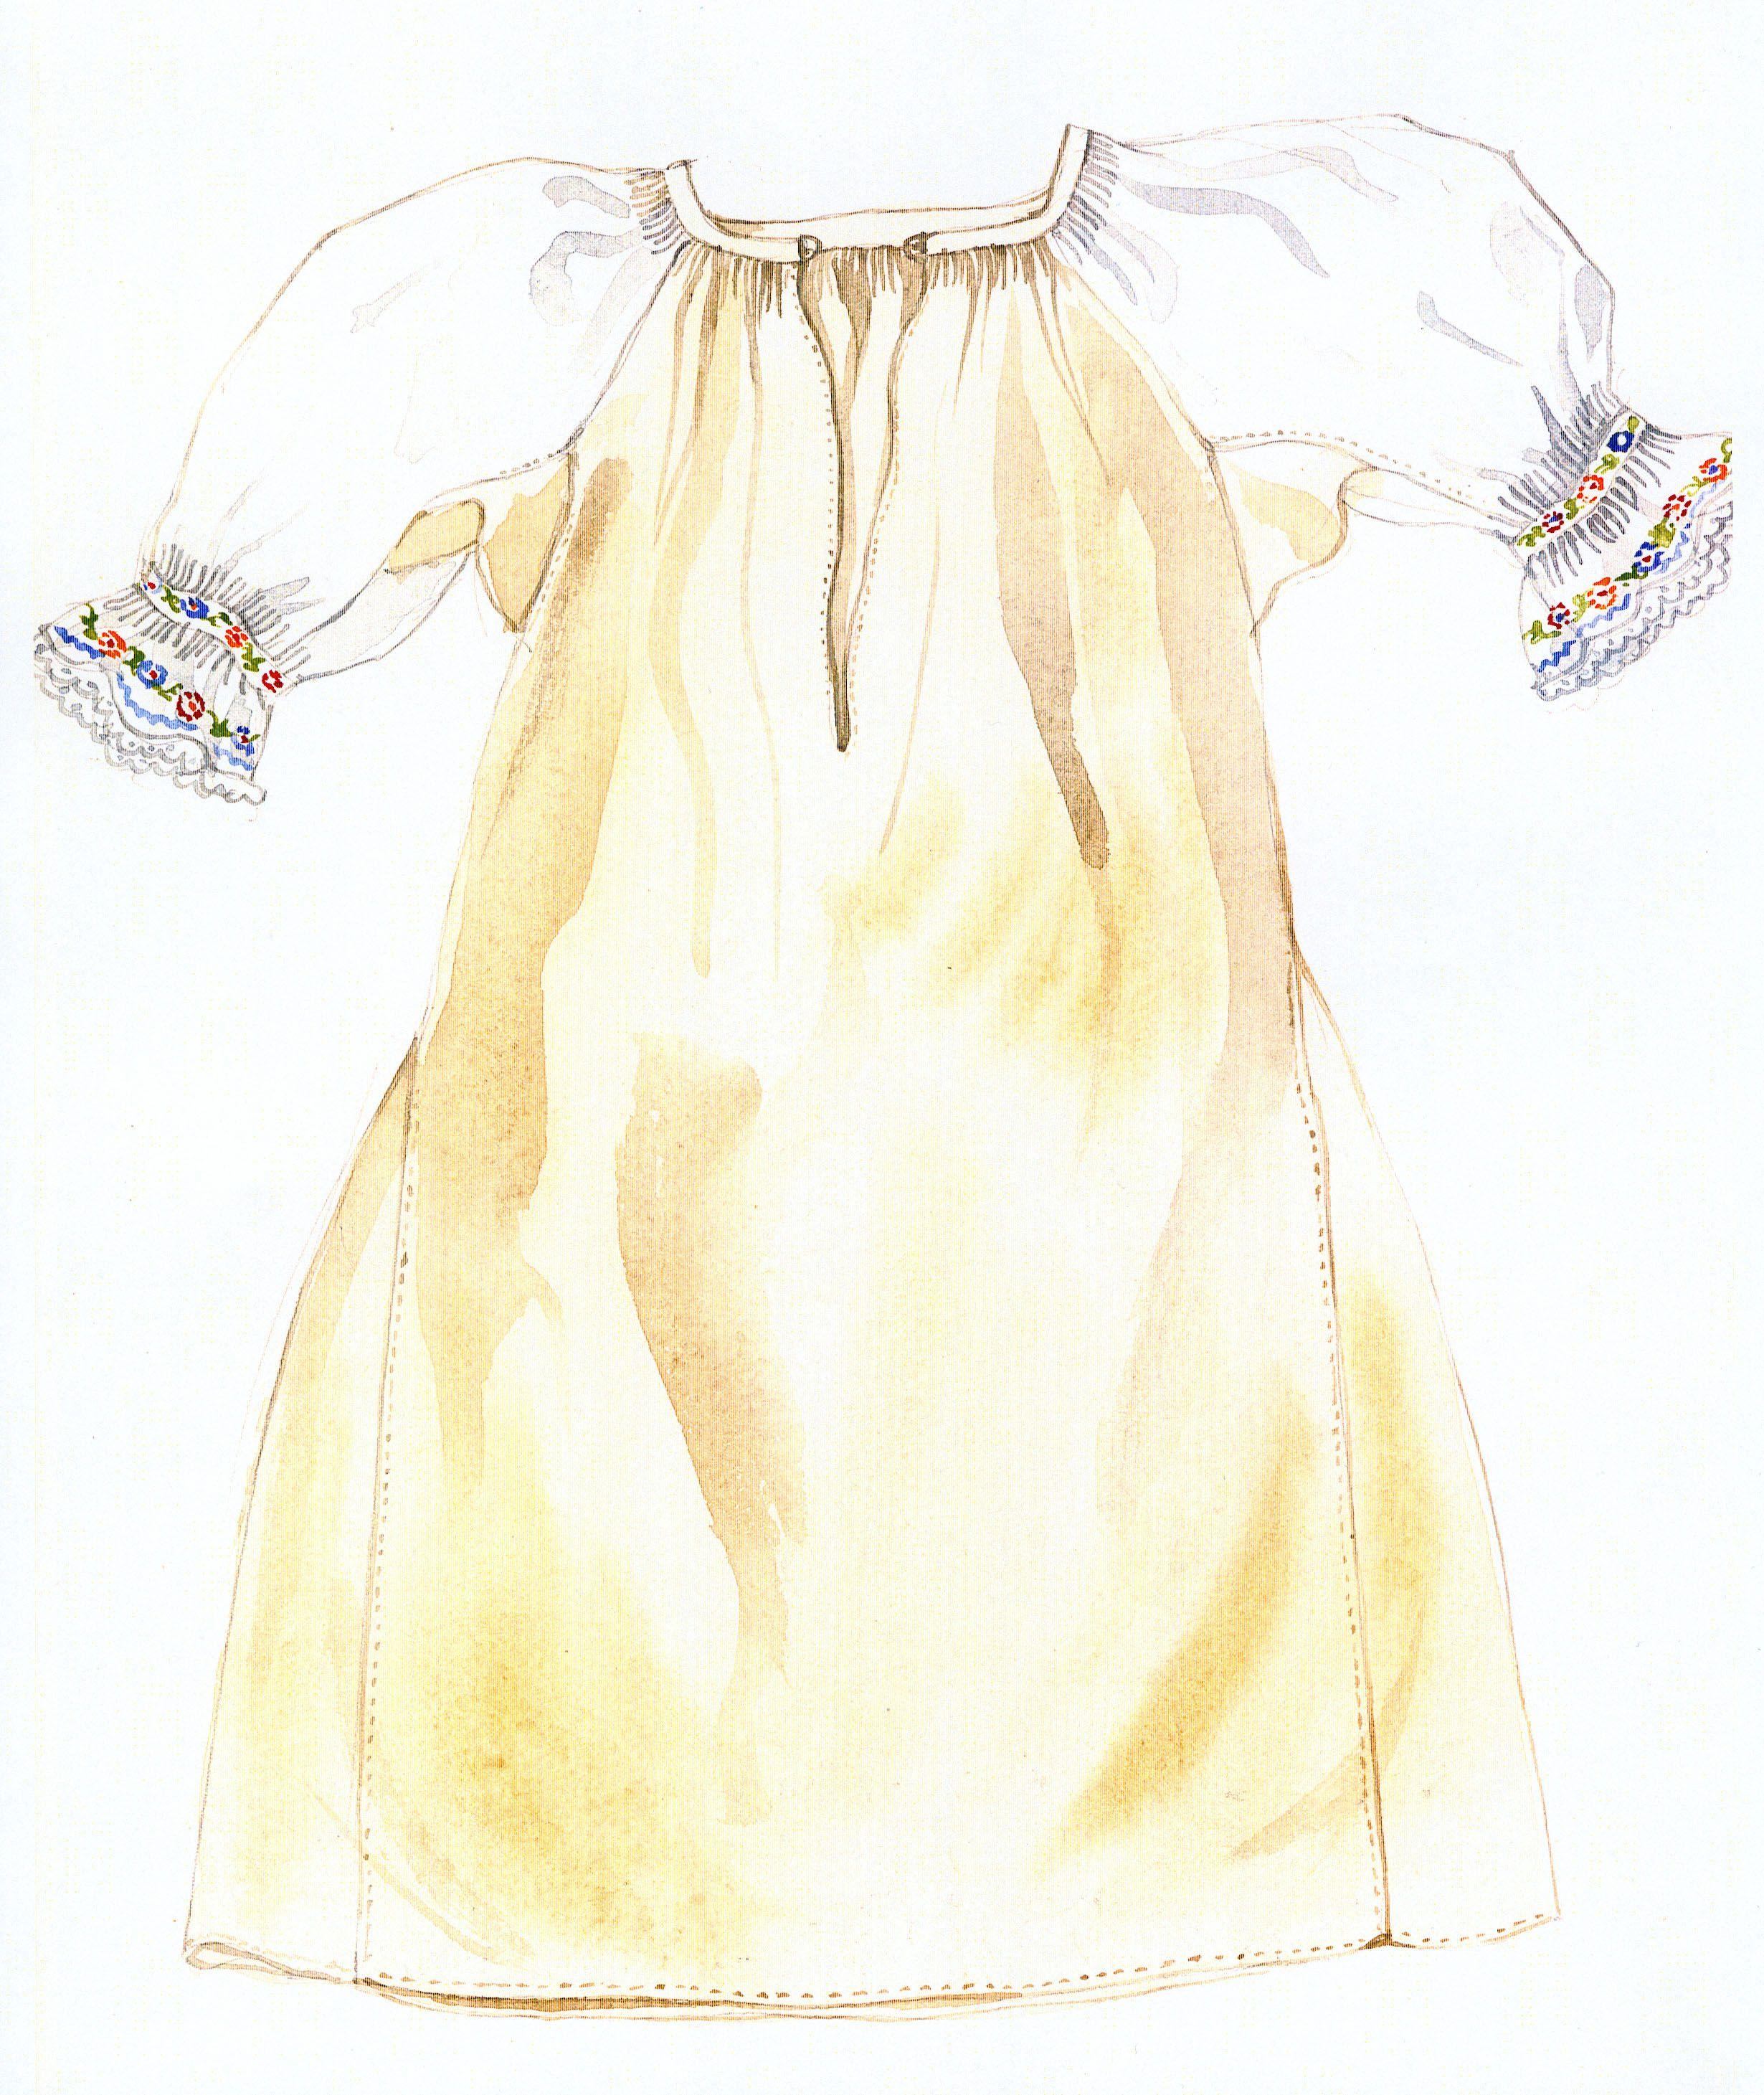 Ženská košeľa, Čierny Balog. Začiatok 20. storočia. Košeľa (handelská košeľa) je ušitá z domáceho ľanového plátna, len rukávy má z tenšieho bavlneného plátna. V bokoch je rozšírená dvomi veľkými klinmi. Obliekala sa ako prvá, siahala niže kolien a tvorila základ oblečenia žien, na ktorý sa obliekali ďalšie súčiastky. V priebehu prvej polovice 20. storočia sa menil materiál, z ktorého bola ušitá. Postupne sa ľanové plátno nahrádzalo poloľanovým a nakoniec bavlneným plátnom, z ktorého sa…